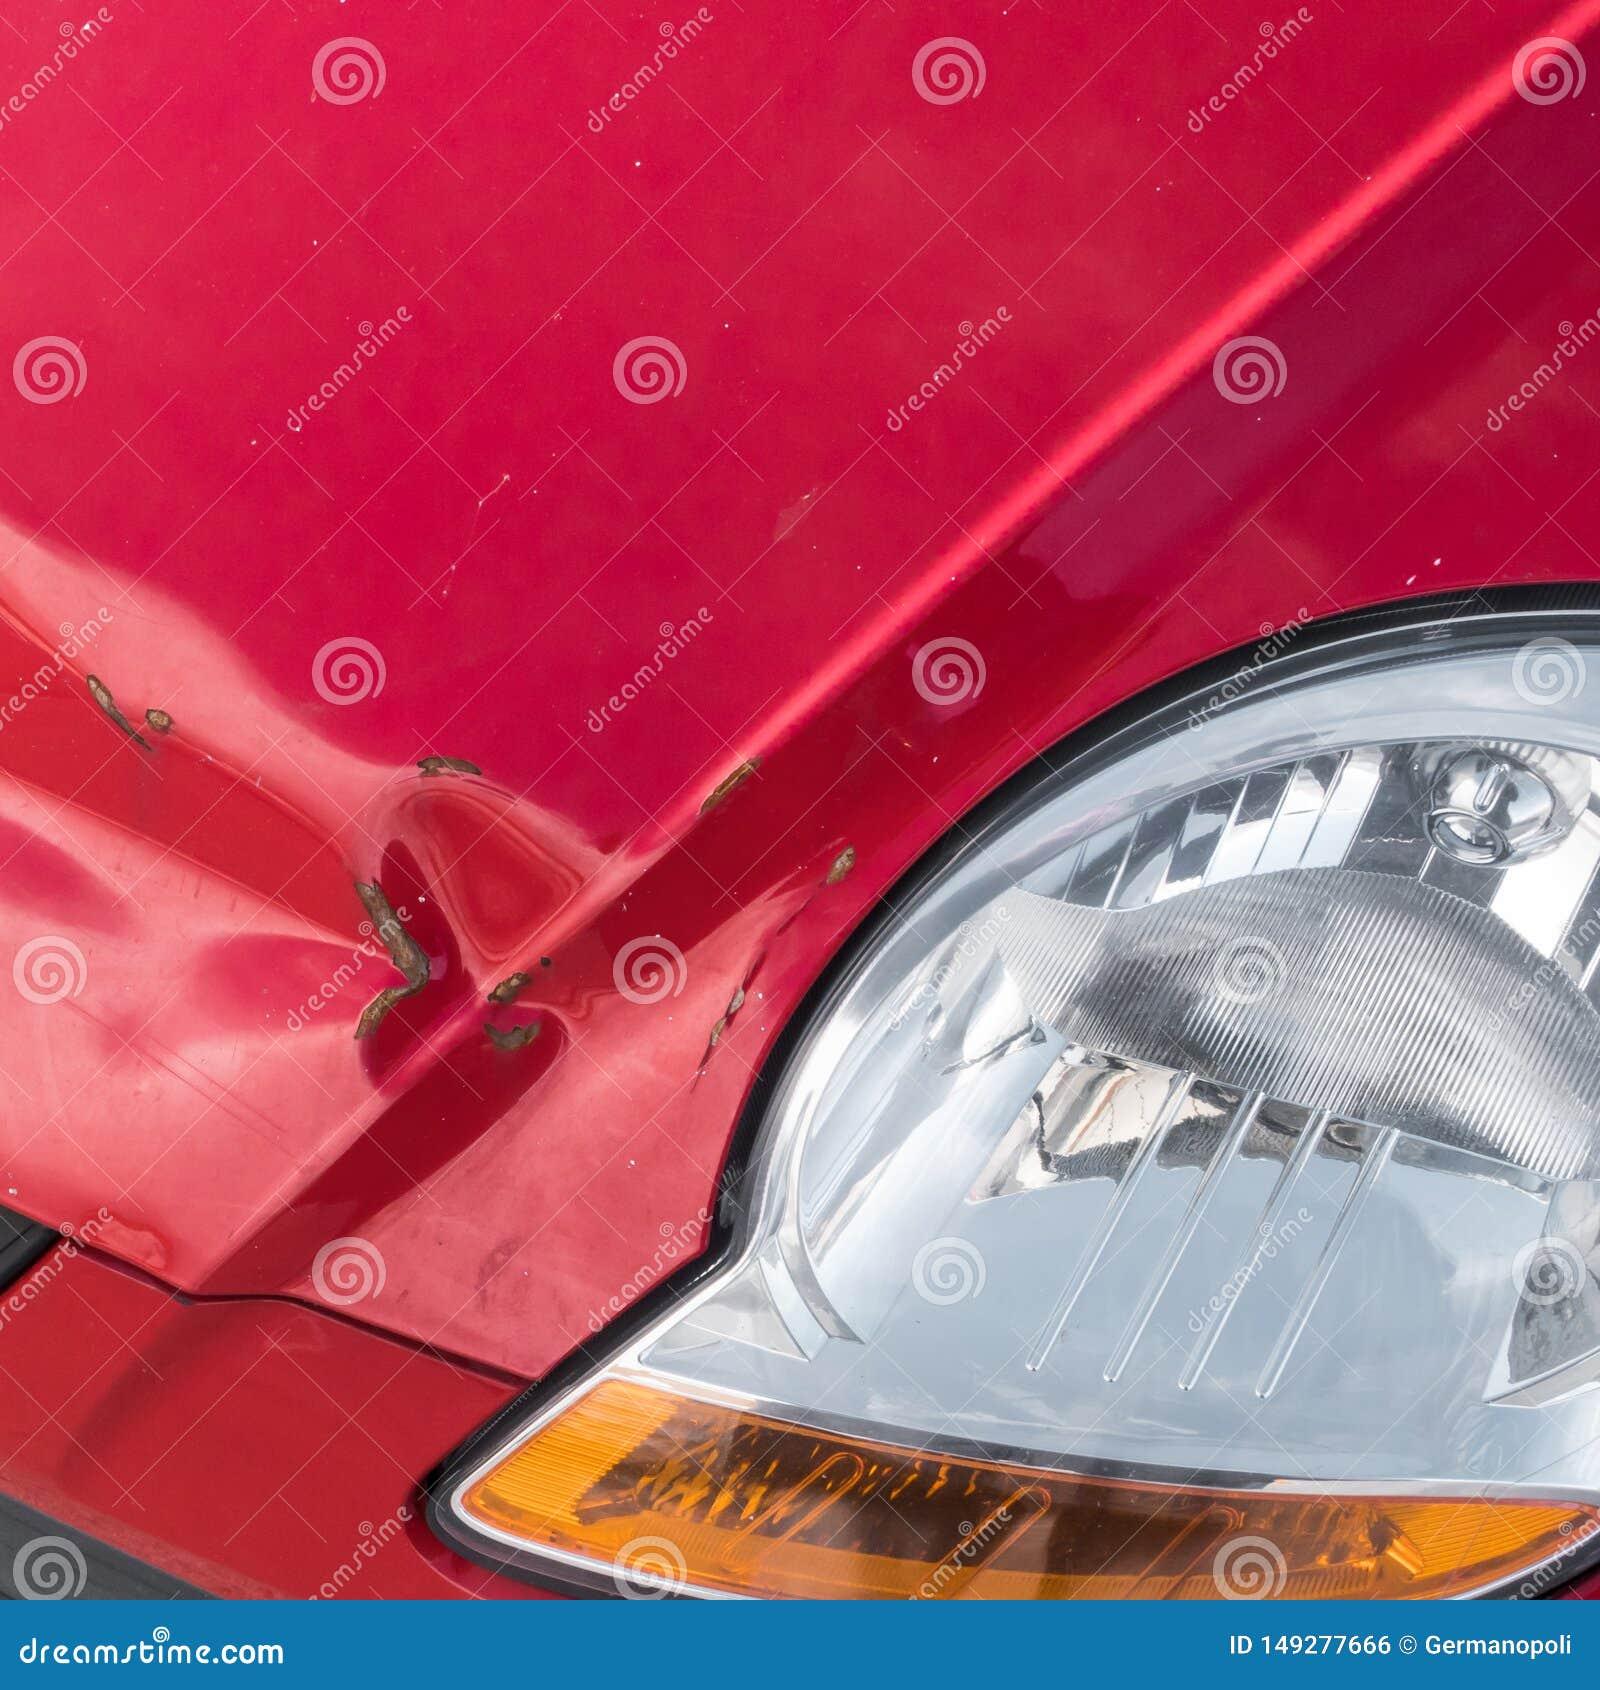 Kratzer und rostige Einbuchtung auf Front des roten Autos